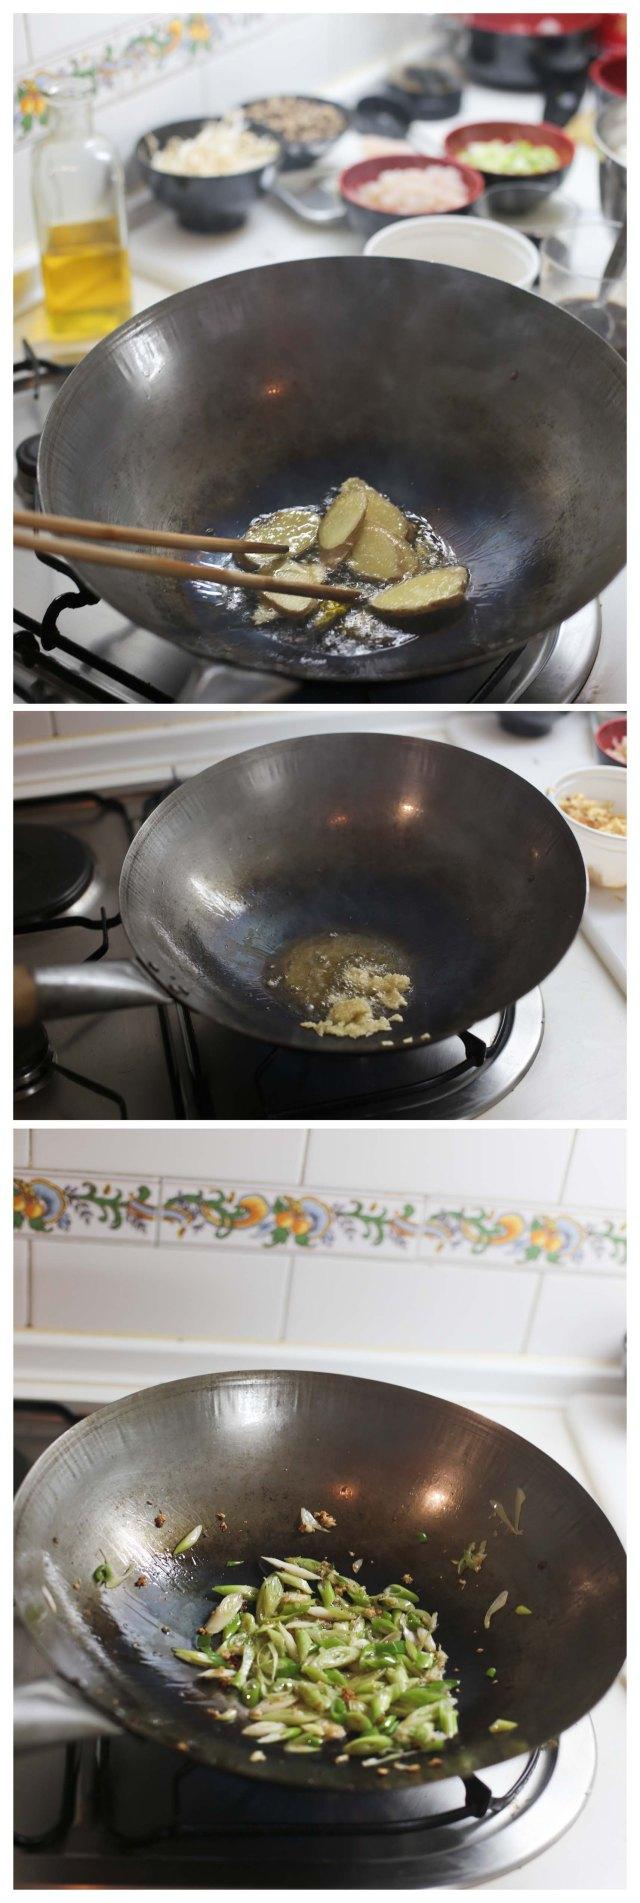 segunda parte de la receta